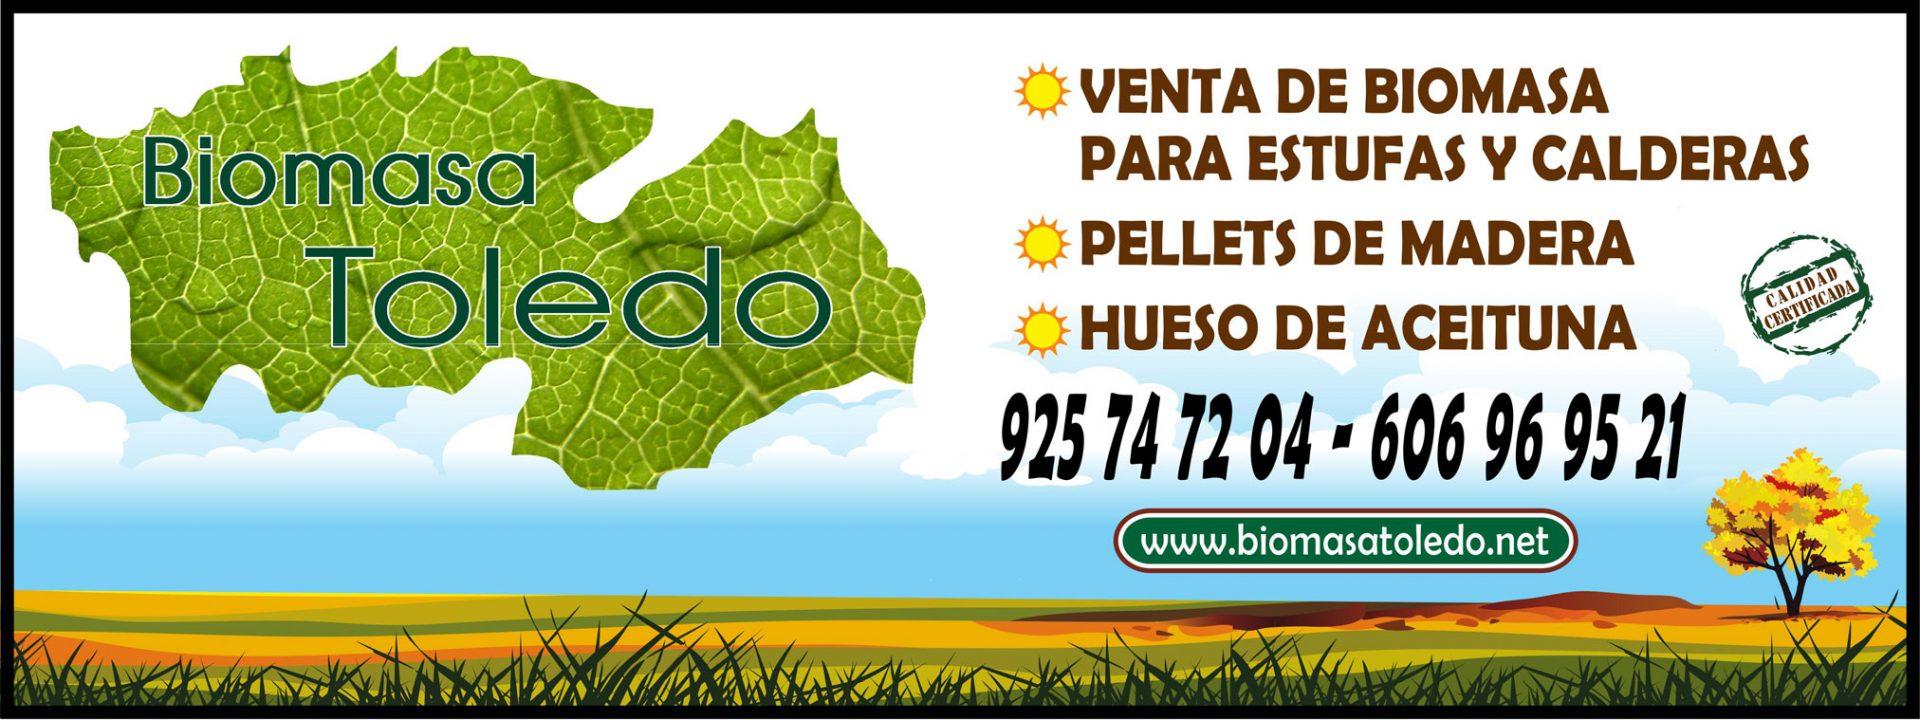 Biomasa para estufas y calderas